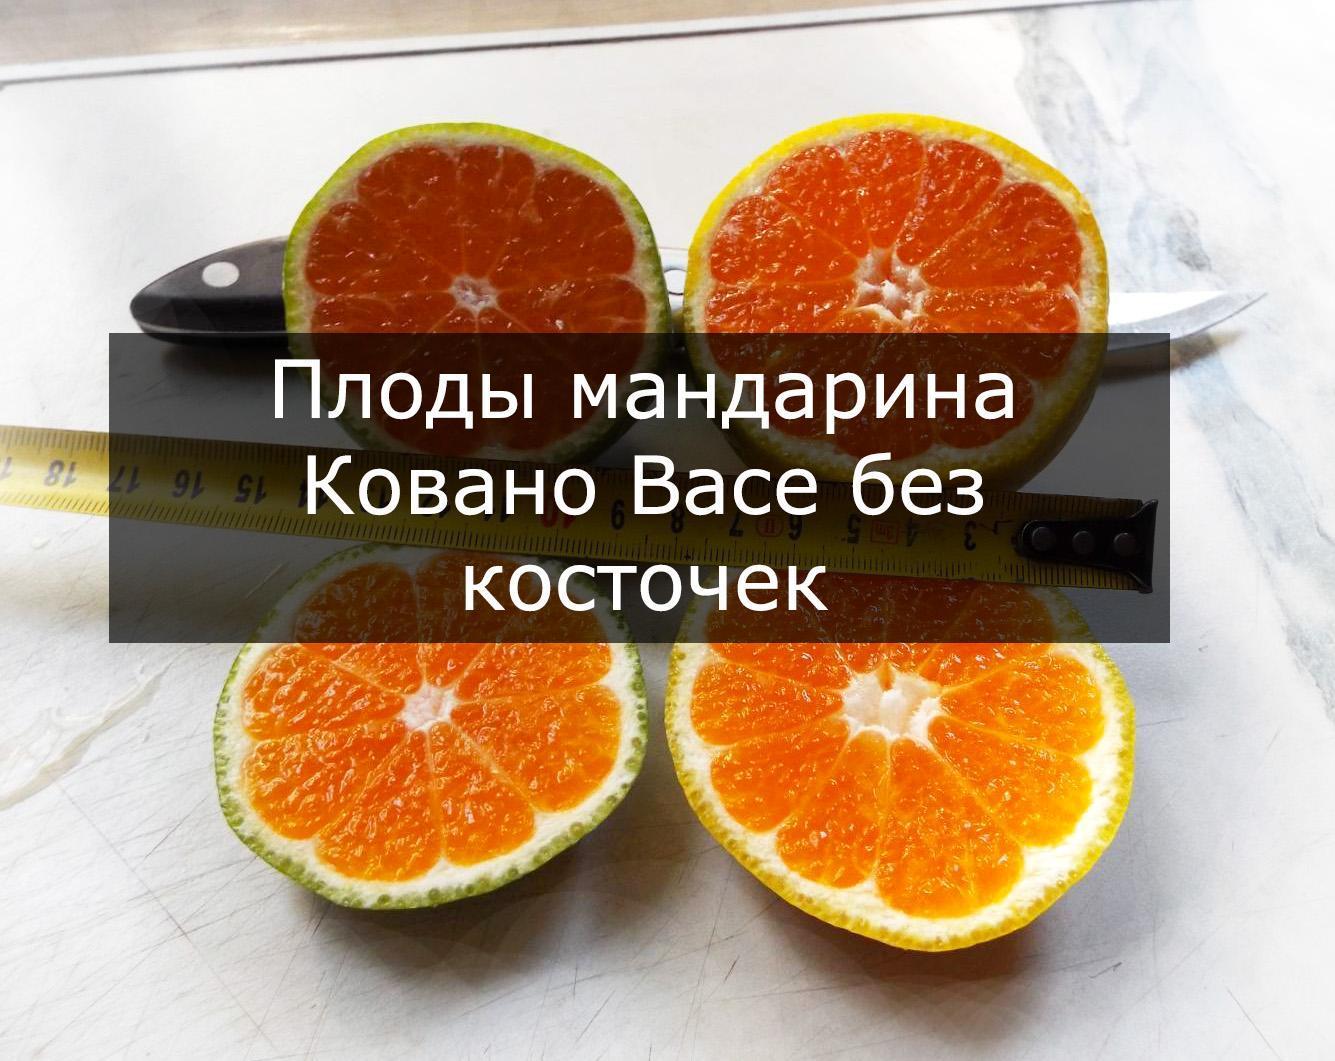 Плод комнатного мандарина Ковано Васе без косточек в разрезе фото